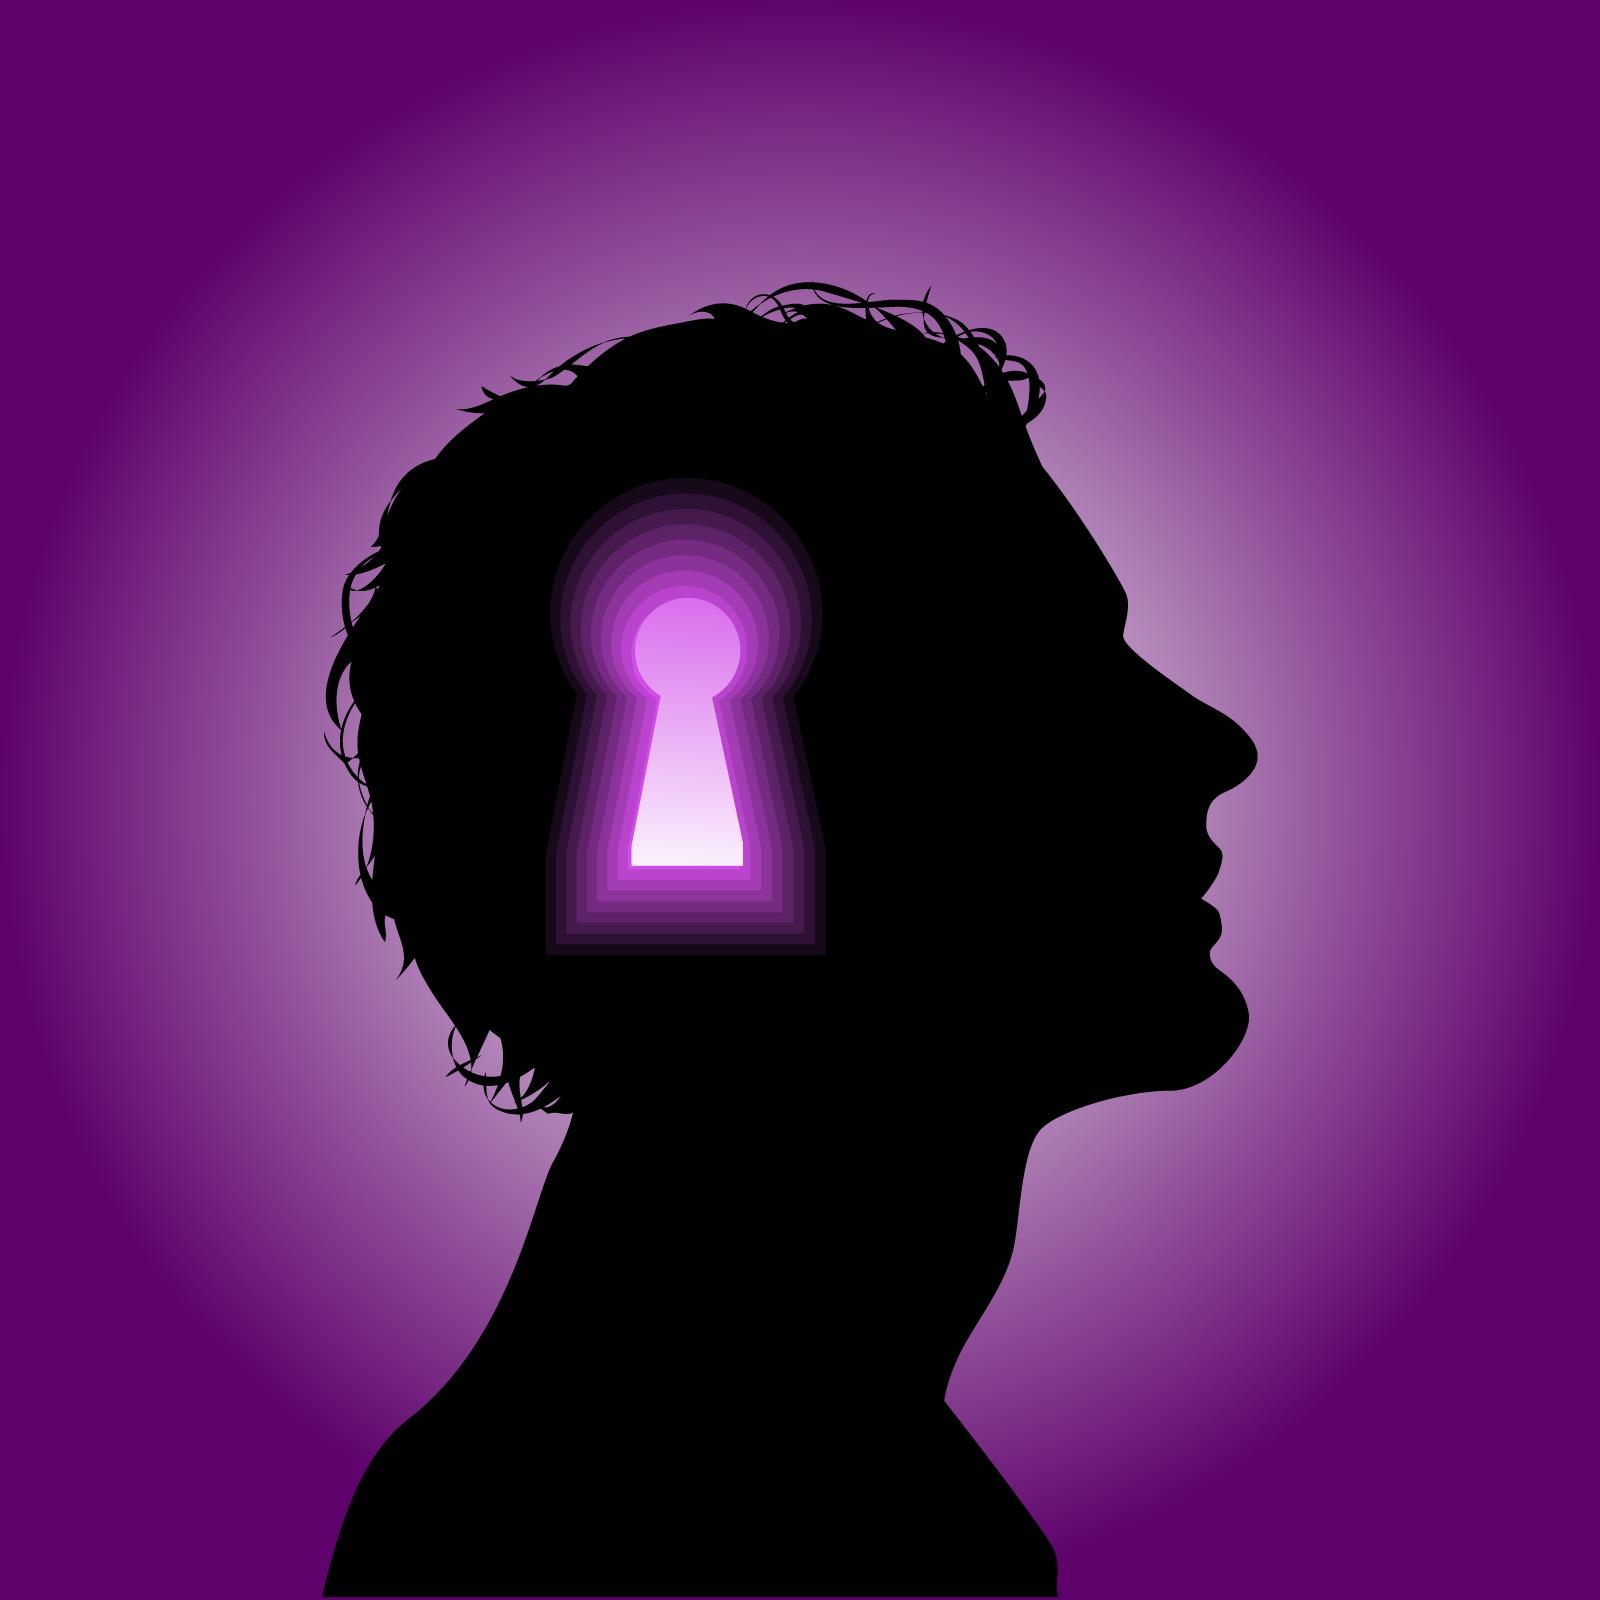 השימוש בכוח העצום של מוחנו וגופנו במצבים משתנים